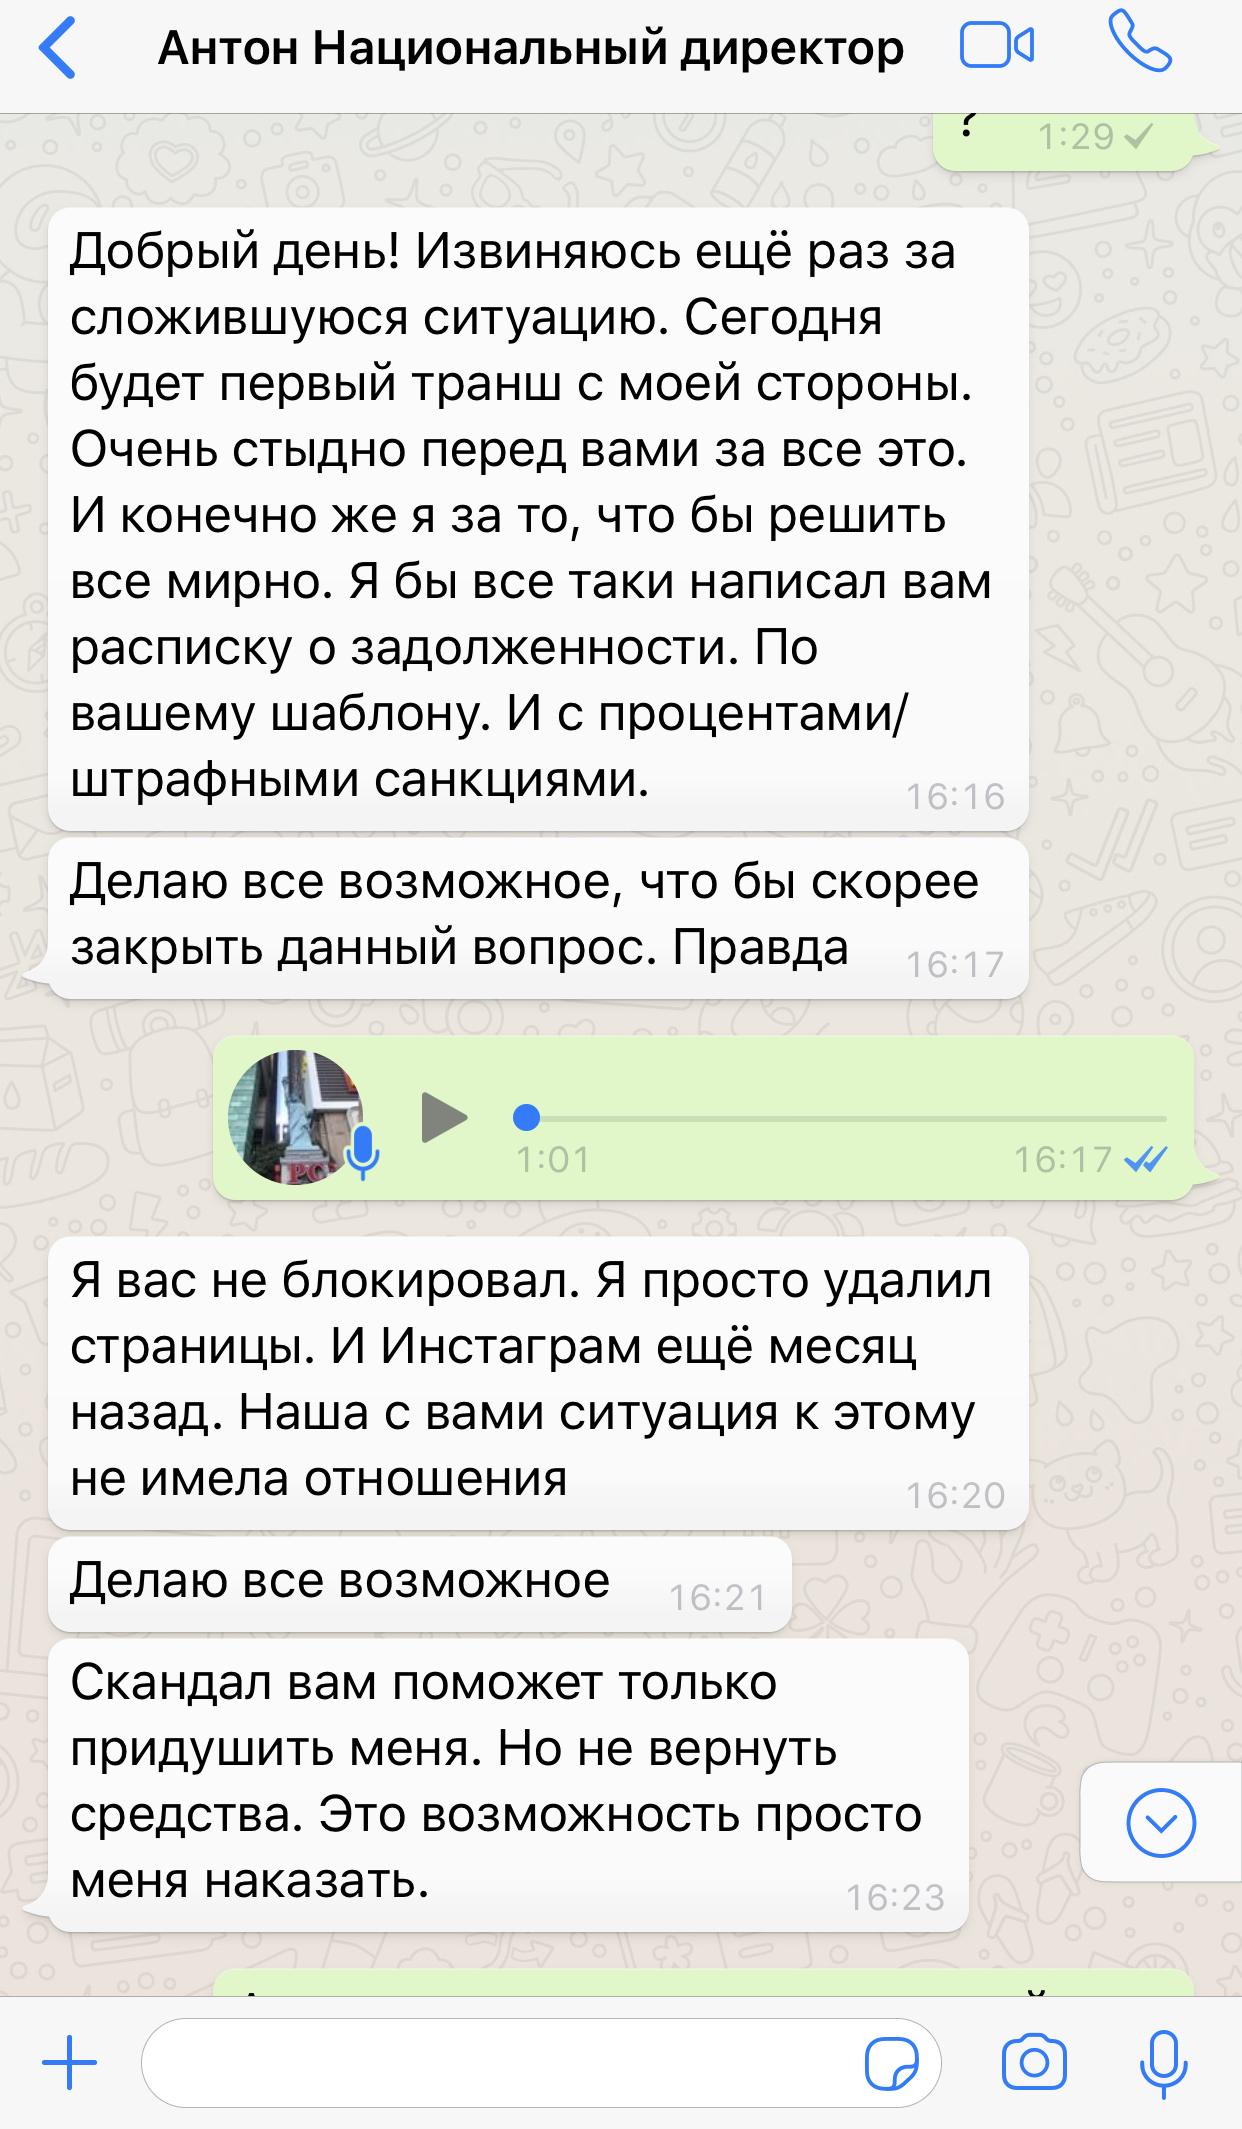 Переписка Парамонова и организатора конкурса